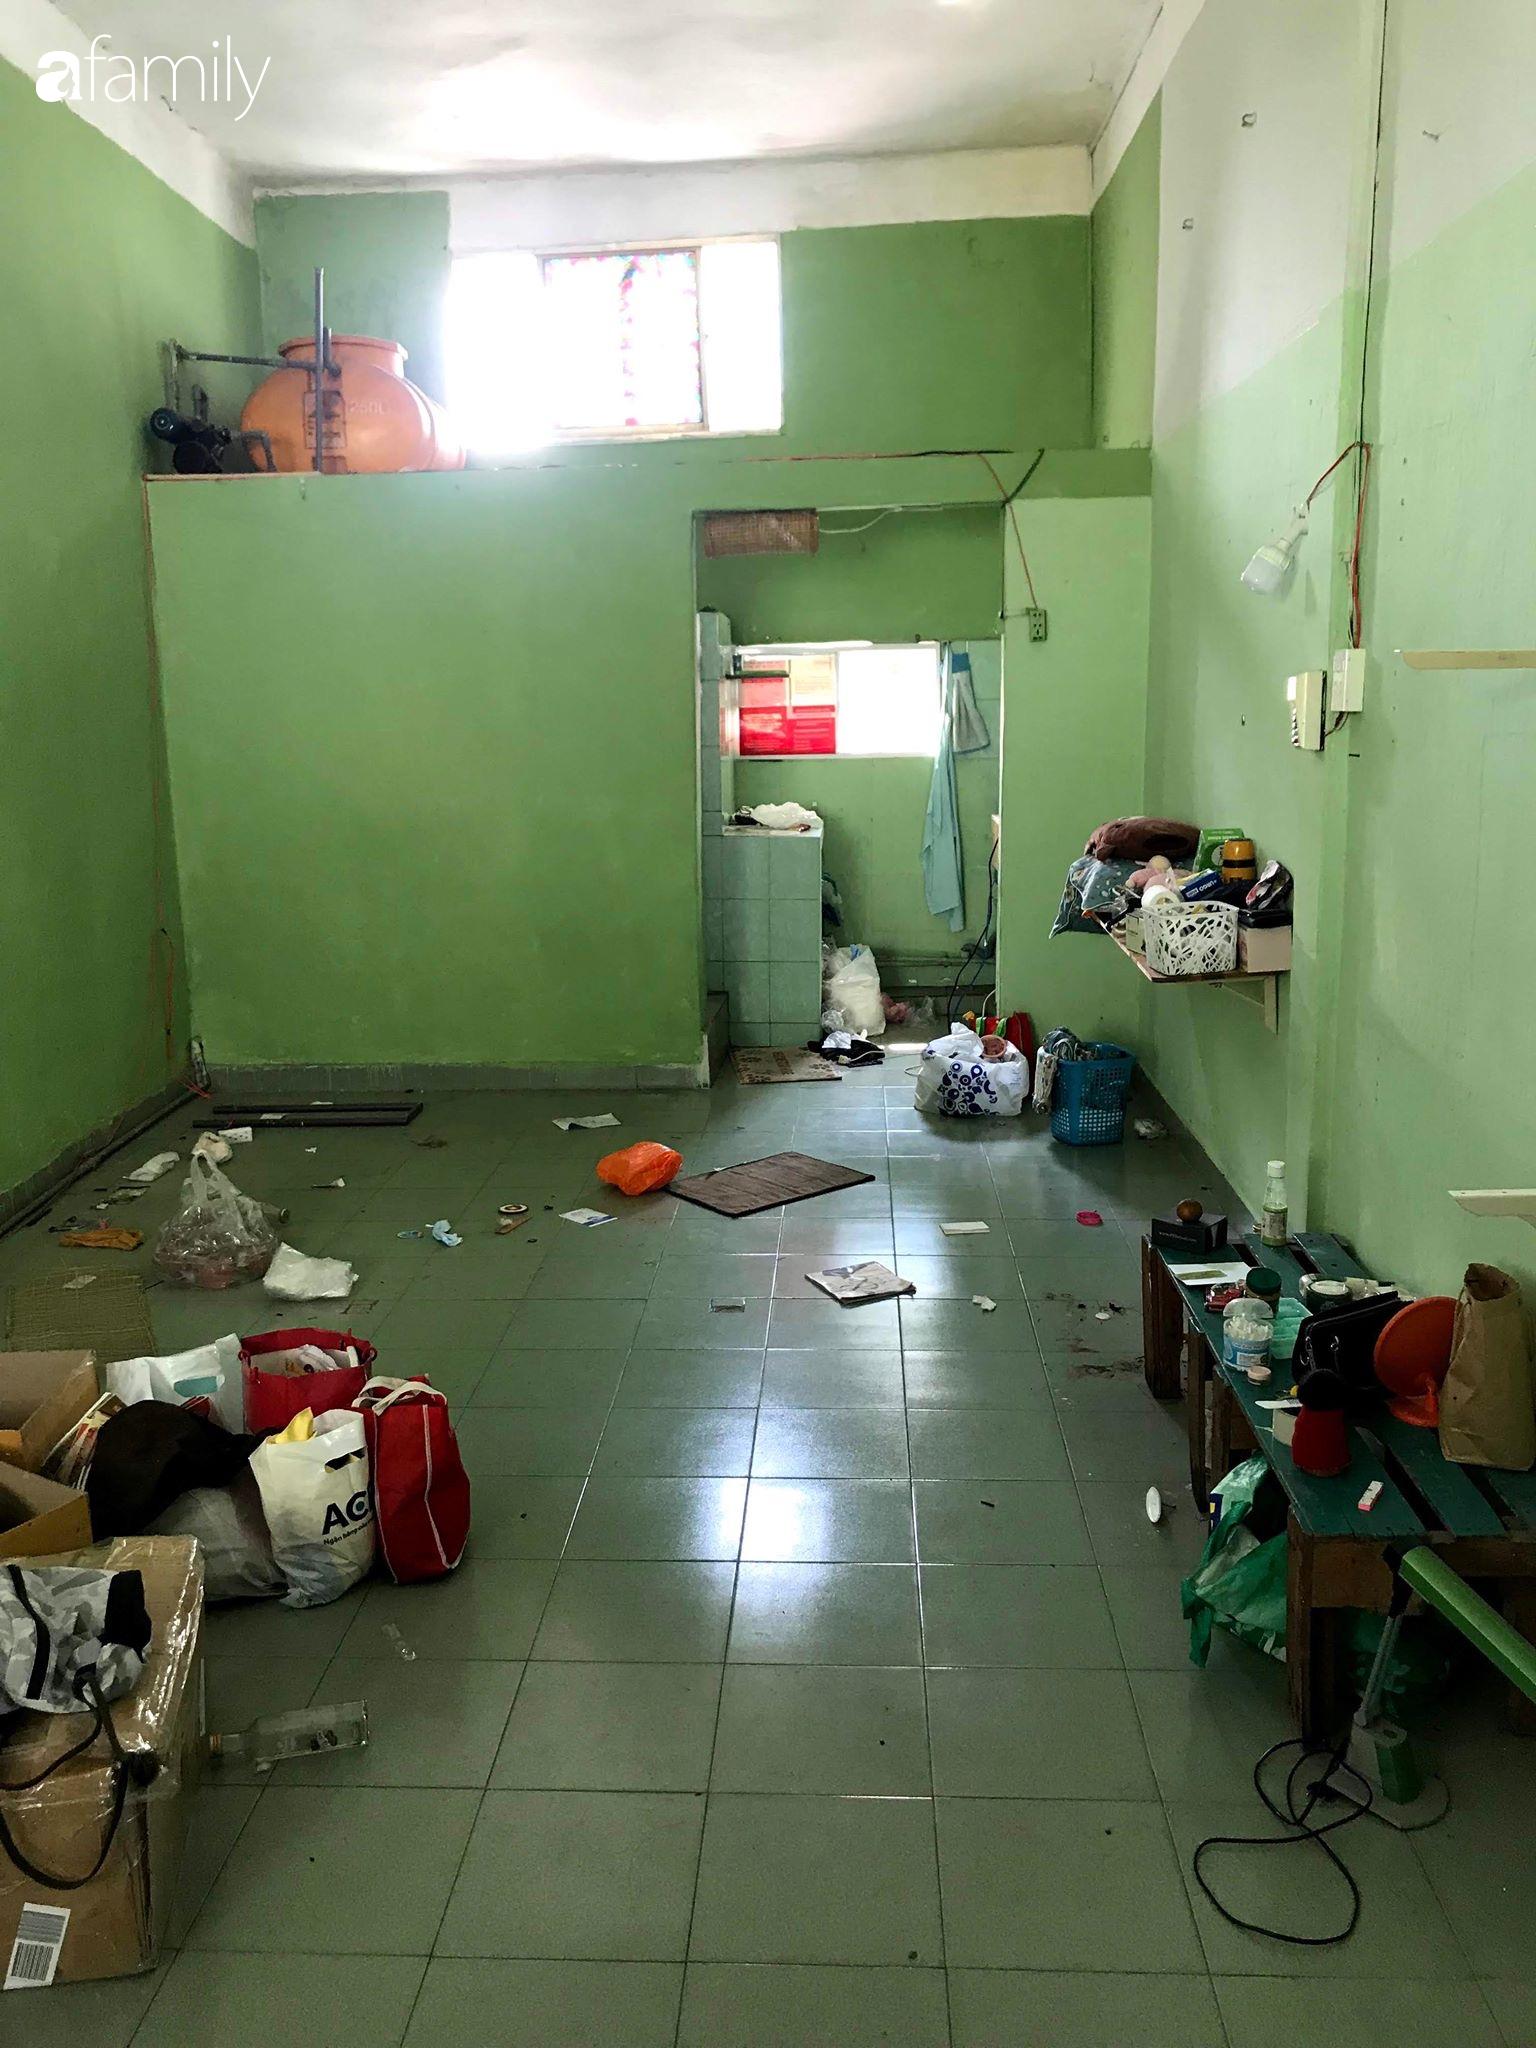 2 tuần hô biến căn hộ chung cư cũ thành homestay đẹp lung linh mang phong cách Scandinavian giữa Sài Gòn chỉ với 130 triệu, hiện cho thuê giá 800k/đêm - Ảnh 2.